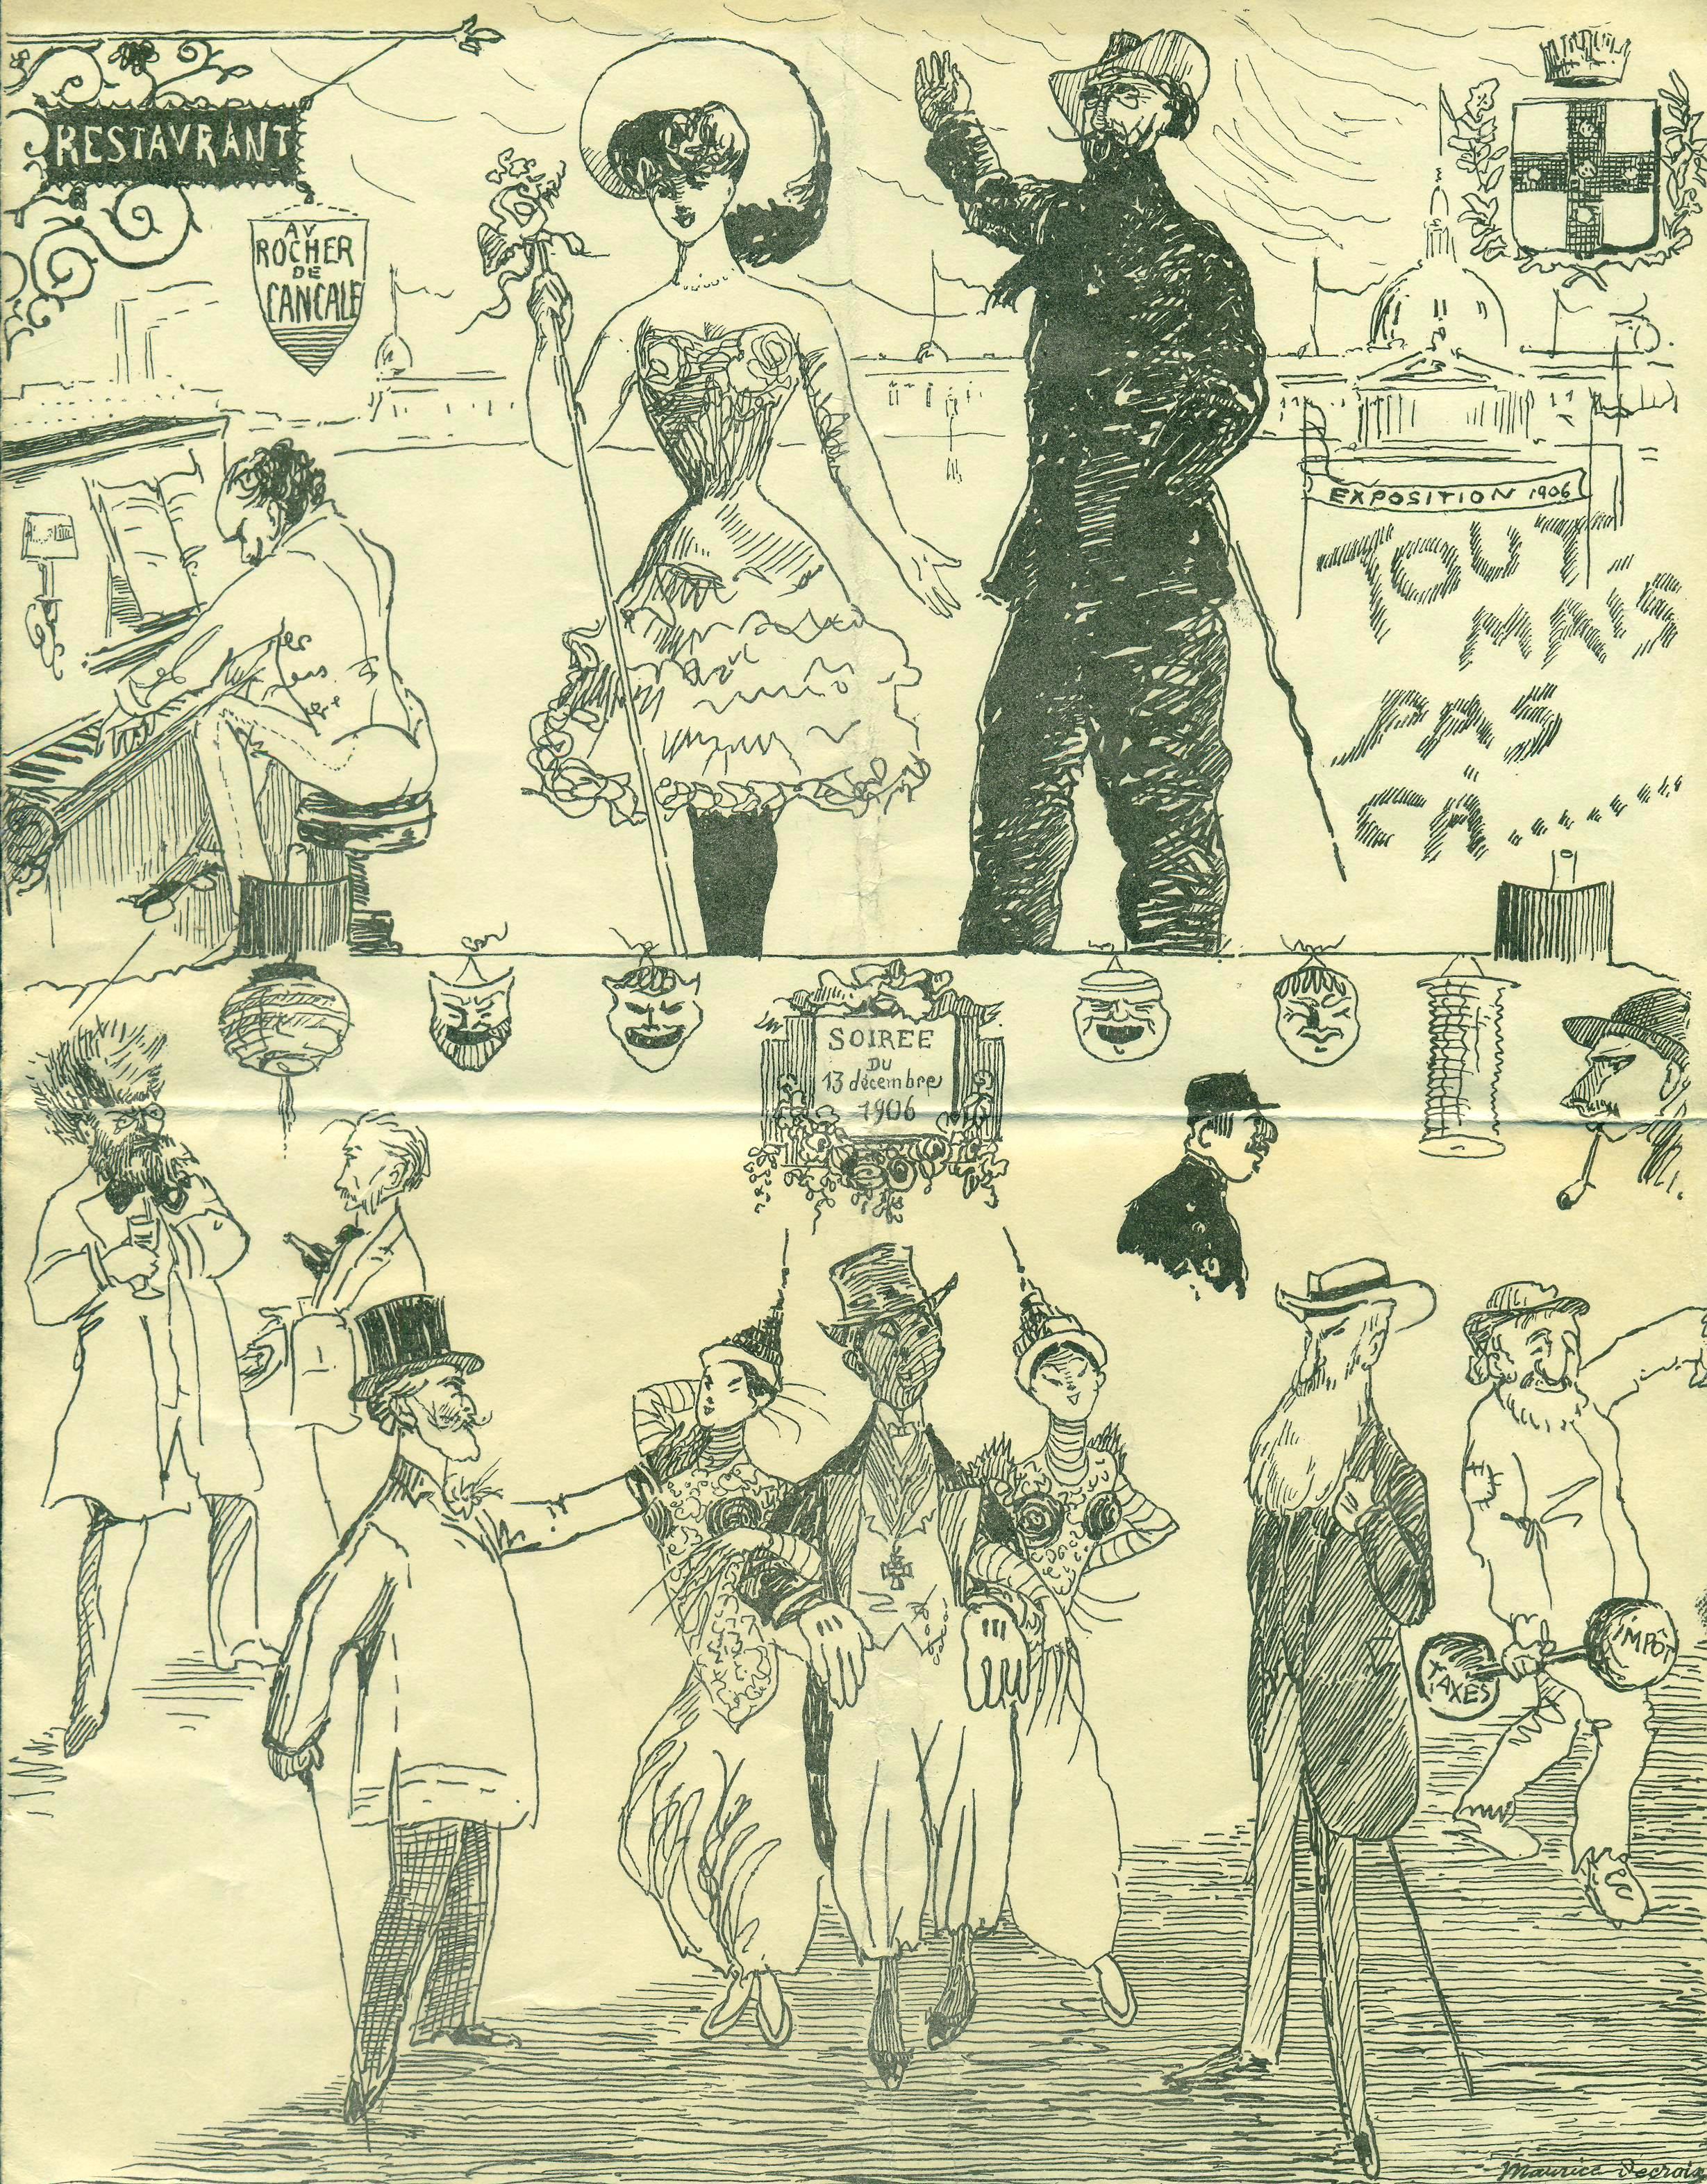 theatre-Albert-31-decembre-1906